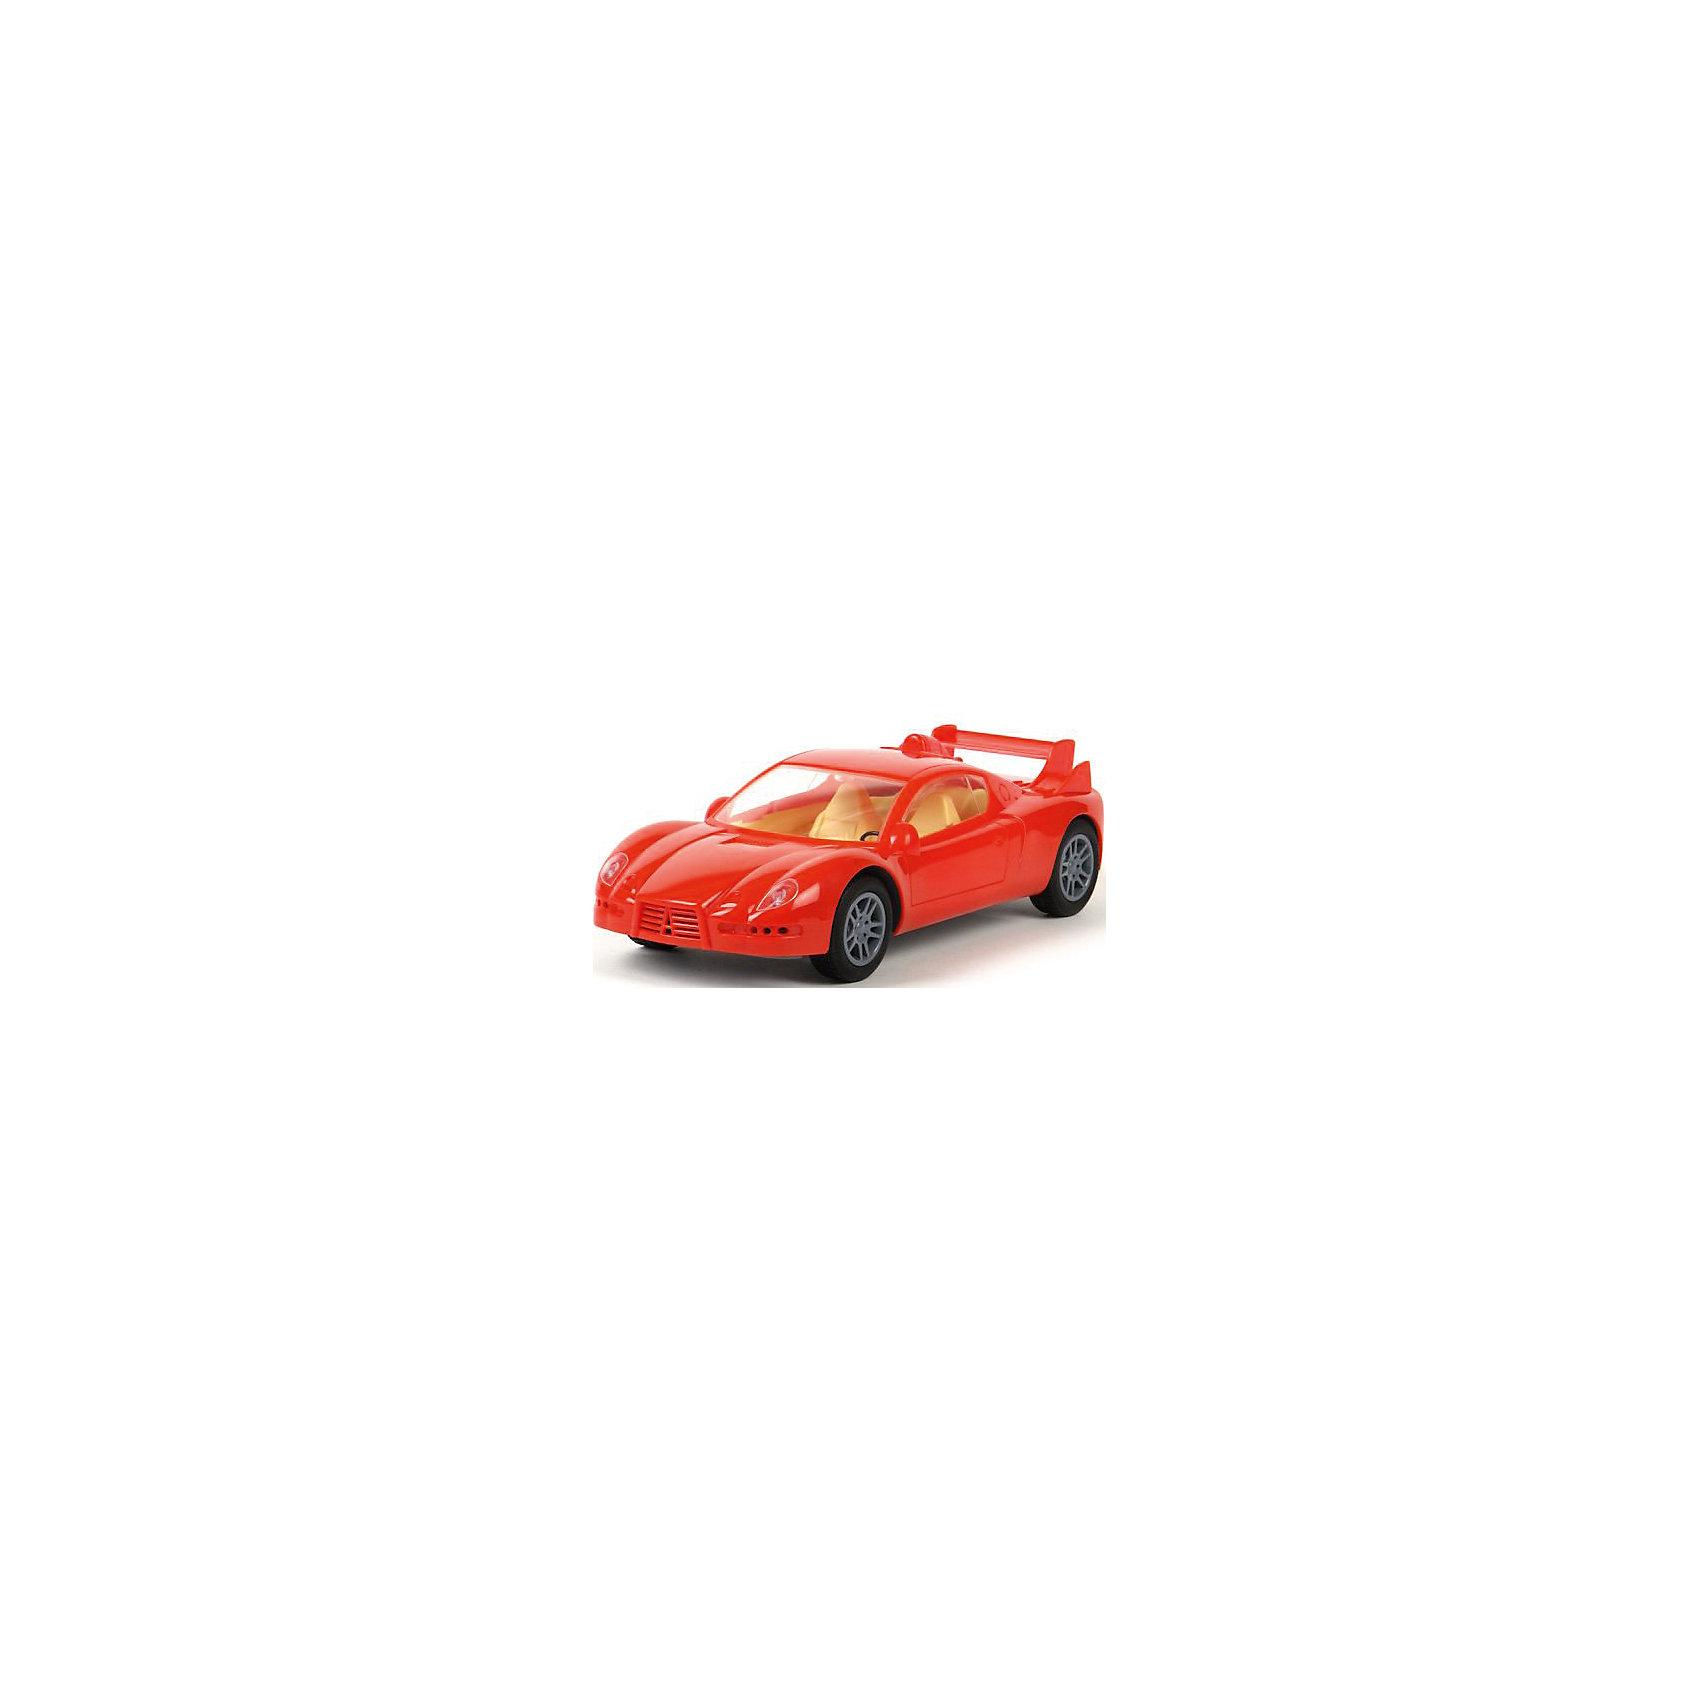 Инерционный автомобиль Молния, ПолесьеМашинки и транспорт для малышей<br>У автомобиля Молния несколько отличительных особенностей. Во-первых, автомобиль выполнен из материалов, обеспечивающих отличный внешний вид и надежность изделия. Во-вторых, инерционный механизм и обрезиненные колеса делают автомобиль по-настоящему гоночным. Внимание! Инерционный механизм работает таким образом: взяв машинку в руку, следует разогнать колеса о поверхность (пол) по направлению ВПЕРЕД, затем, отпустить автомобиль и авто продемонстрирует Вам свои гоночные возможности! В-третьих, машина долго  сохранит свой первоначальный вид, поскольку надписи напечатаны на самом изделии и, в отличие от наклеек, не сотрутся при многократной мойке авто. Ну и, конечно же, дизайн гоночного авто понравится каждому любителю автомобилей. Дополнить коллекцию инерционных автомобилей можно дгугими машинами этой серии: ДПС Минск, RACING, Военная автоинспекция, POLIZEI,  ДПС Москва, ДПС  Санкт-Петербург-2 и другие. (ДПС Казань, ДПС Волгоград, ДПС Екатеринбург, ДПС Новосибирск, ДПС Челябинск, ДПС Самара).<br><br>Ширина мм: 260<br>Глубина мм: 115<br>Высота мм: 80<br>Вес г: 330<br>Возраст от месяцев: 36<br>Возраст до месяцев: 96<br>Пол: Мужской<br>Возраст: Детский<br>SKU: 4763435